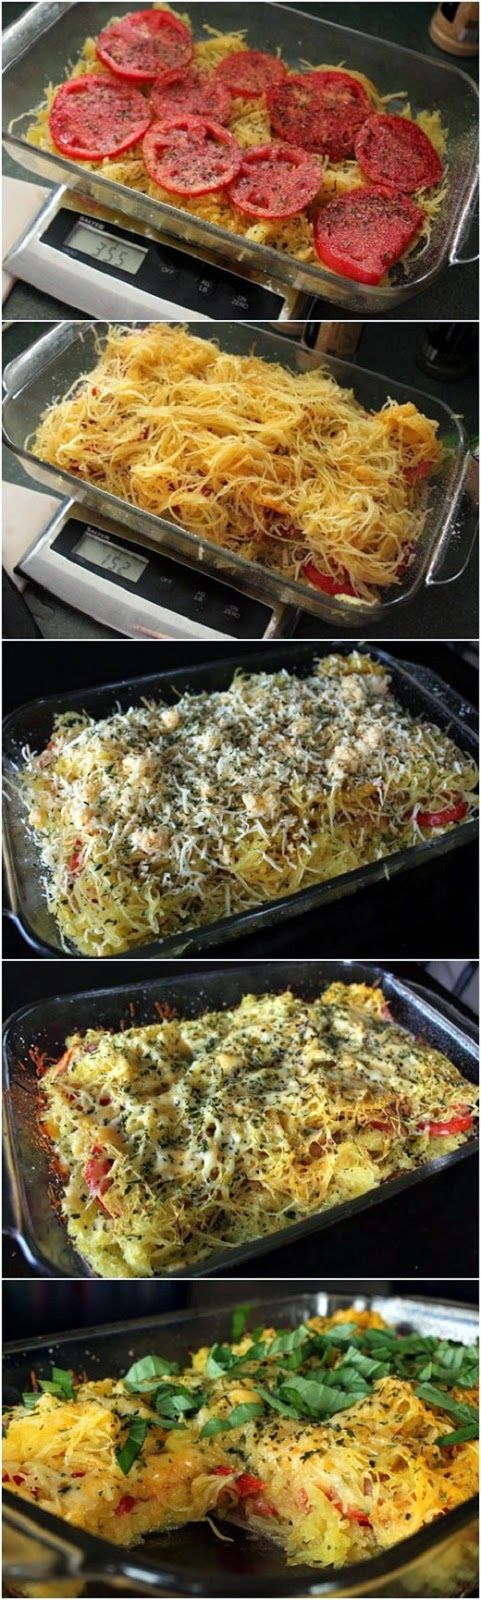 Tomato Basil Spaghetti Squash Bake | Food - main dish | Pinterest | Baked spaghetti squash, Spaghetti squash and Recipes